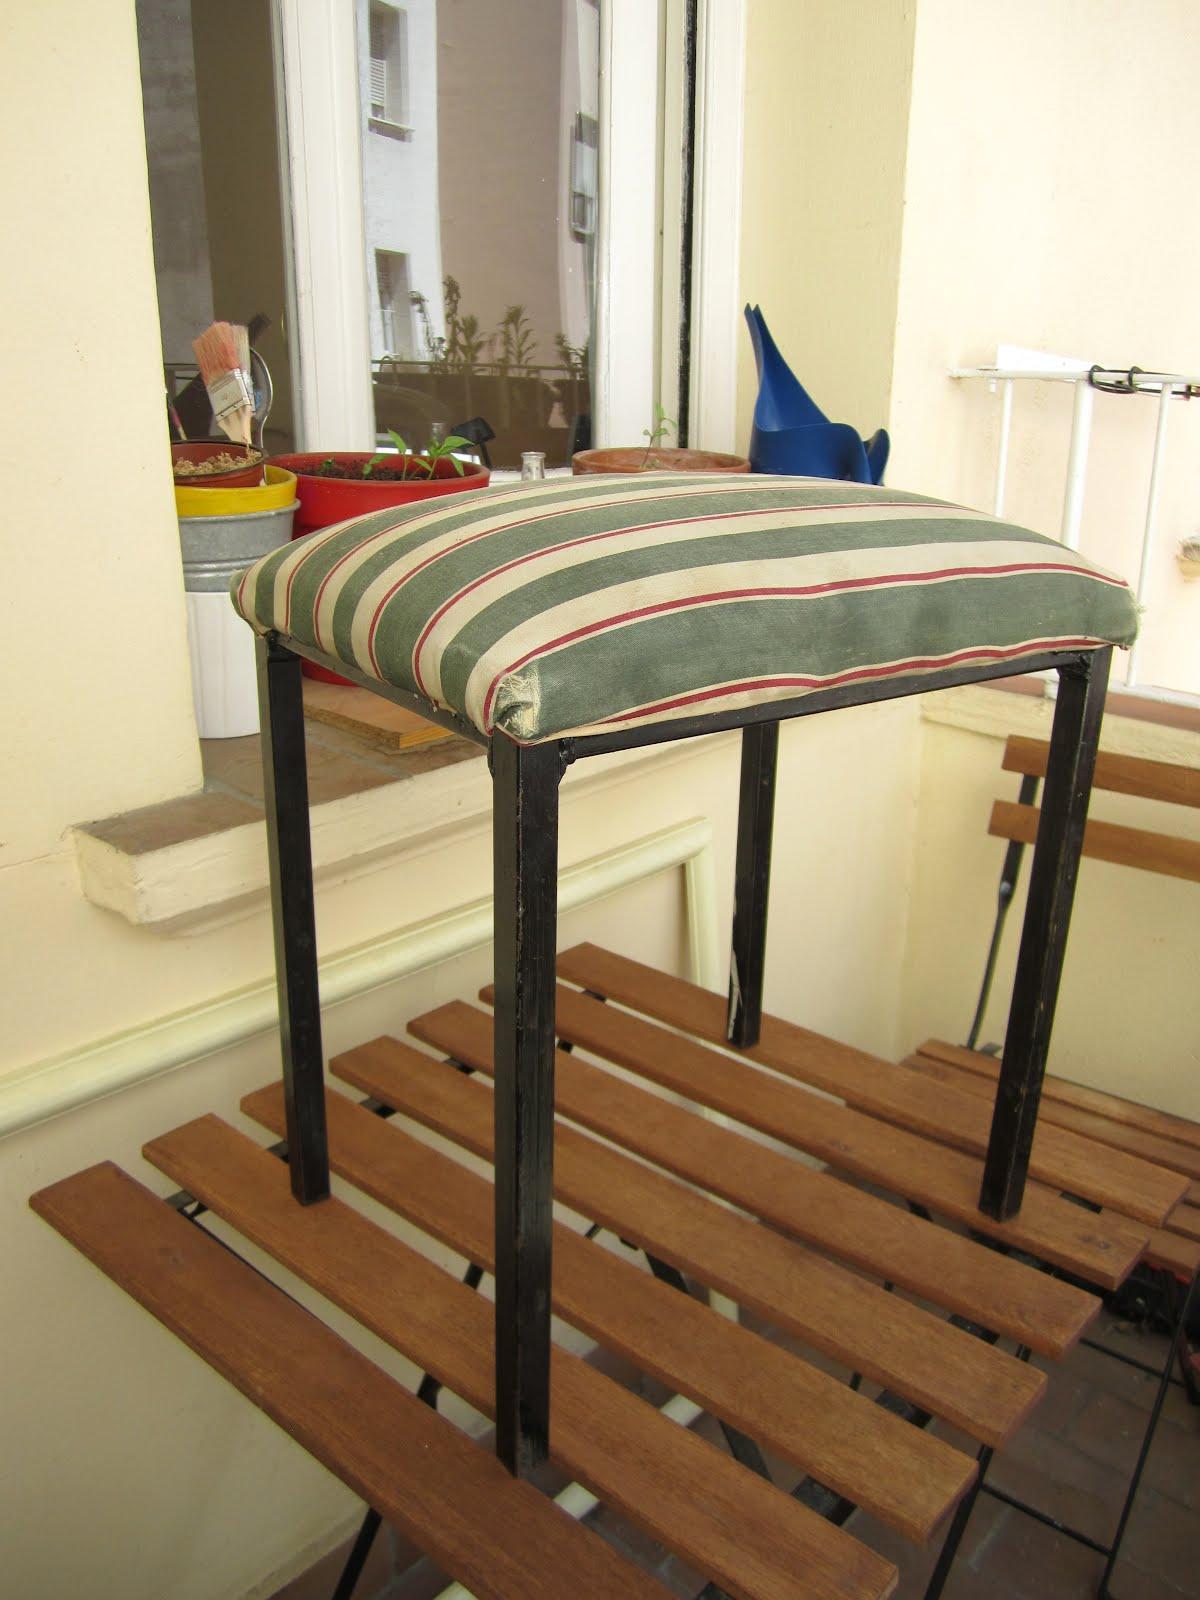 Naifandtastic decoraci n craft hecho a mano restauracion muebles casas peque as boda me lo - Como tapizar una descalzadora ...